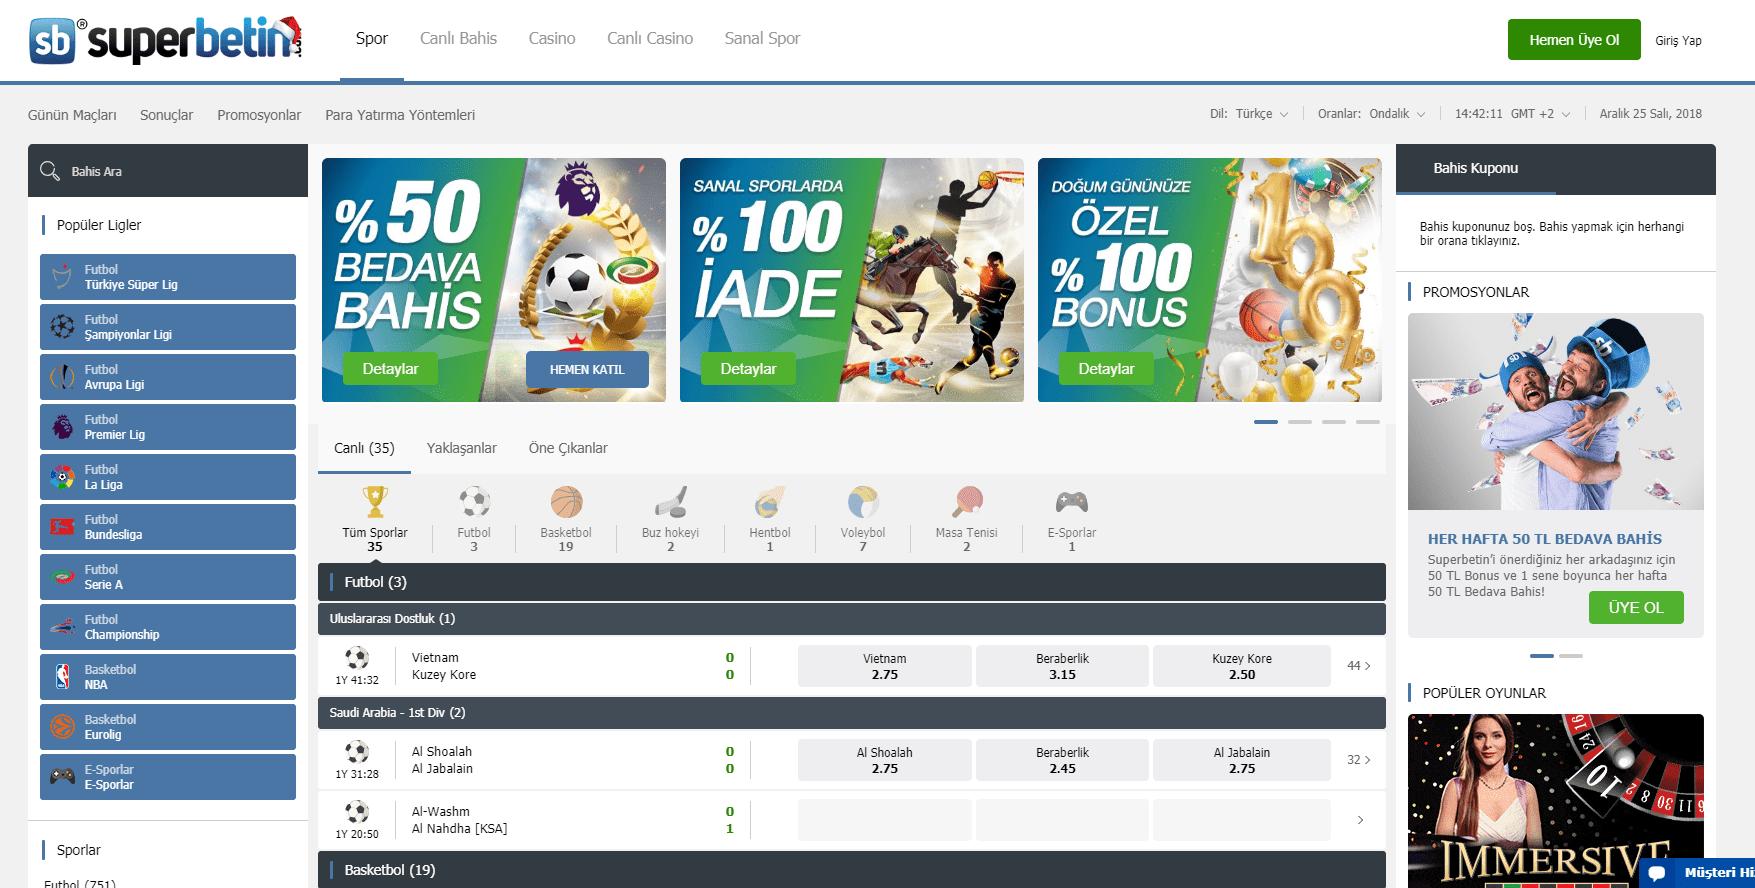 Superbetin.com: Canlı casino